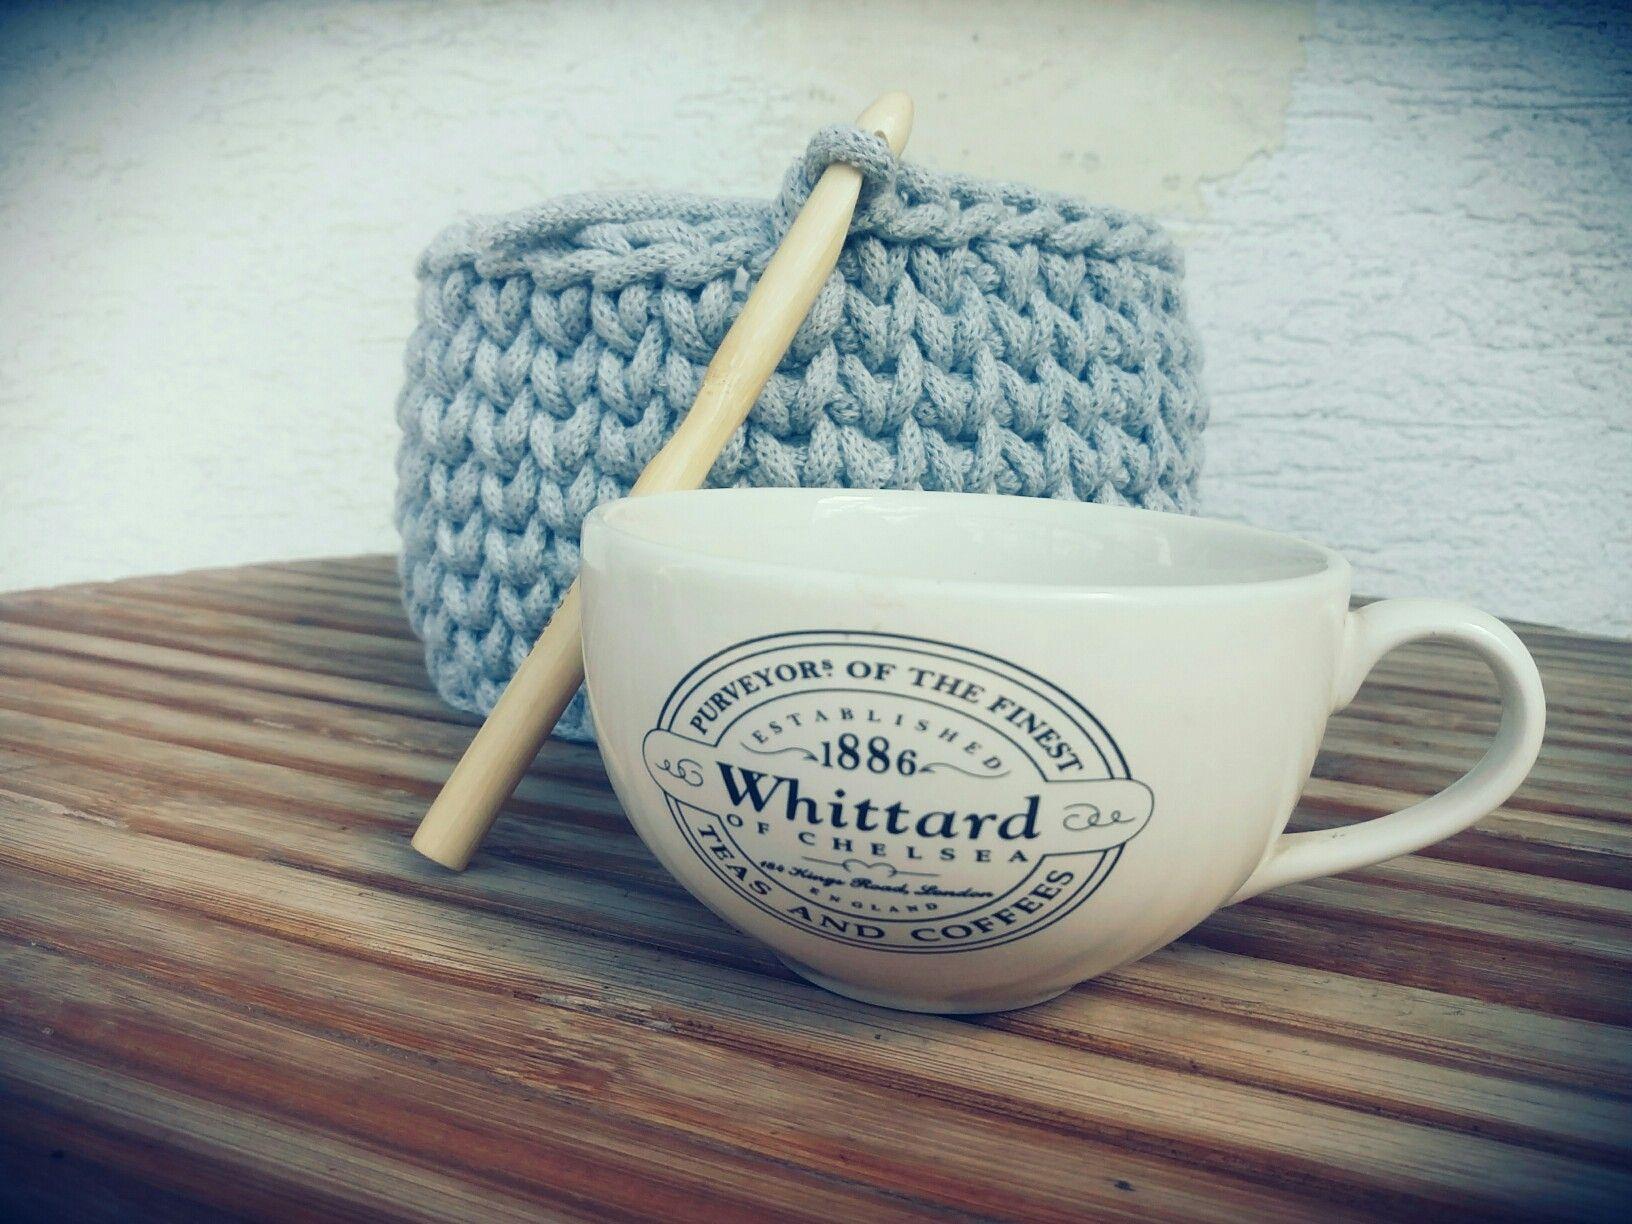 #crochet #morningcoffe #autumn #jesien #whittard